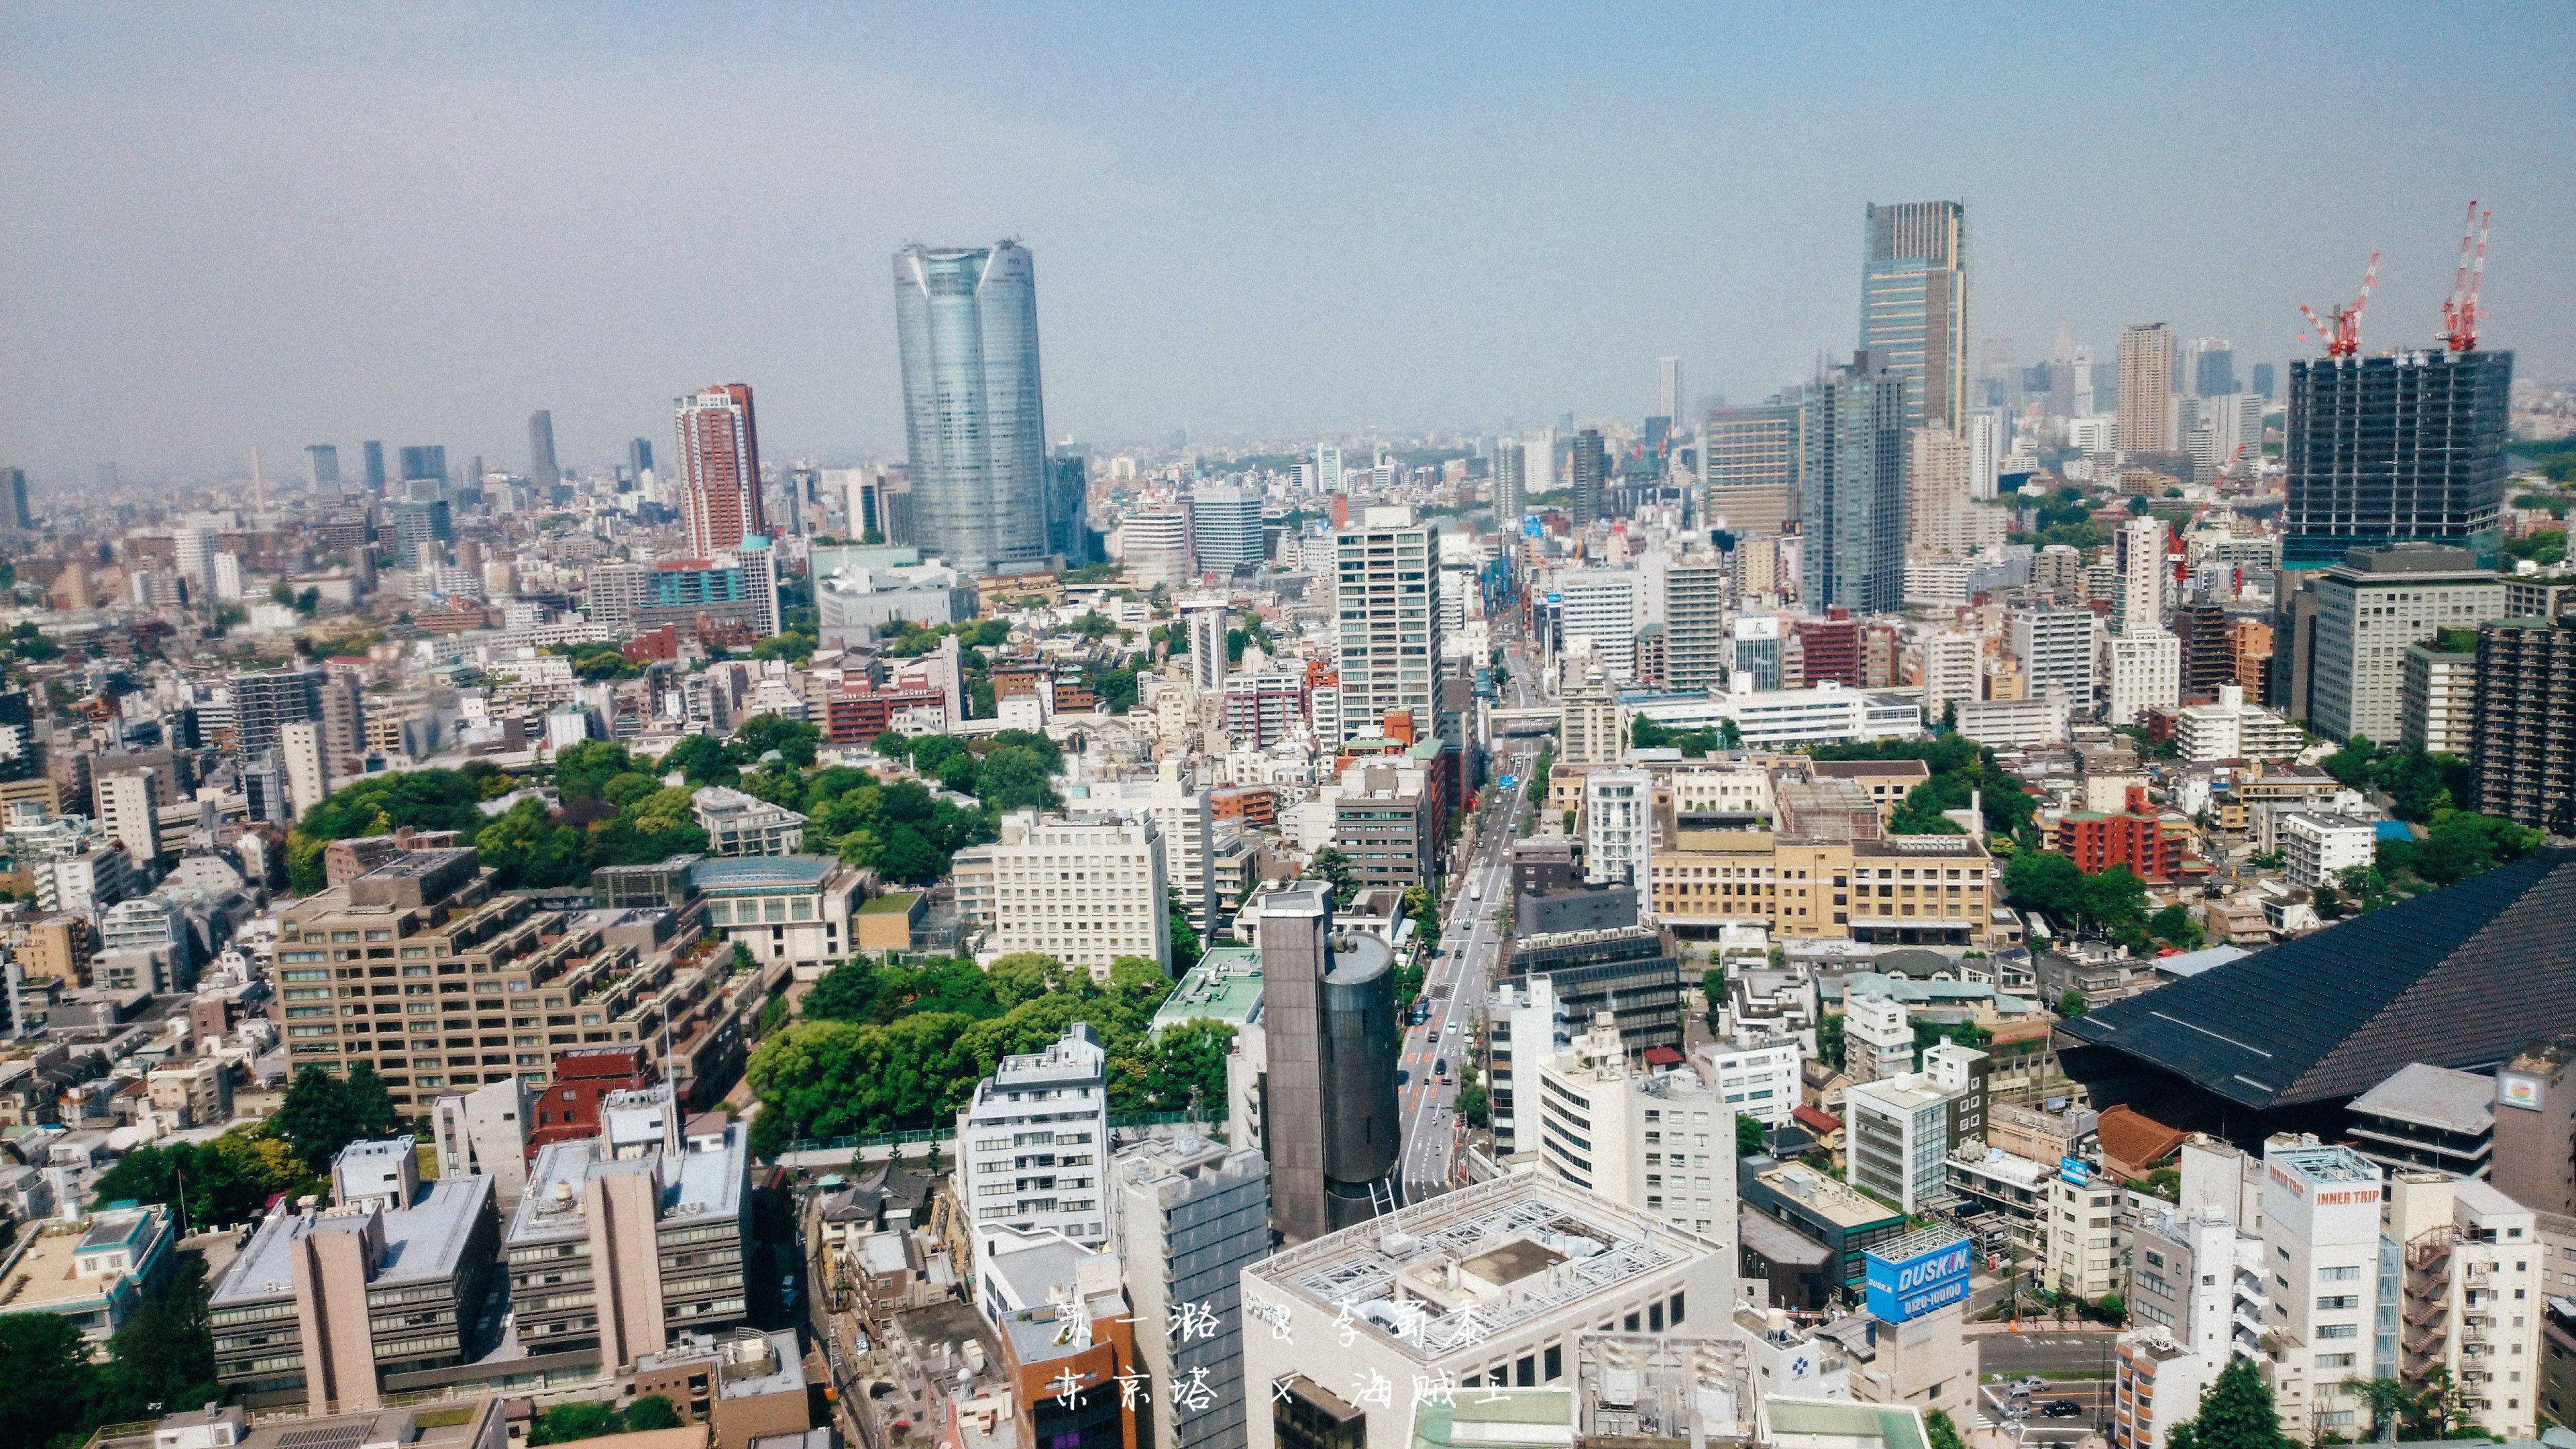 江苏海贼王主题公园_【日本】东京塔 x 海贼王主题乐园,一起去冒险吧